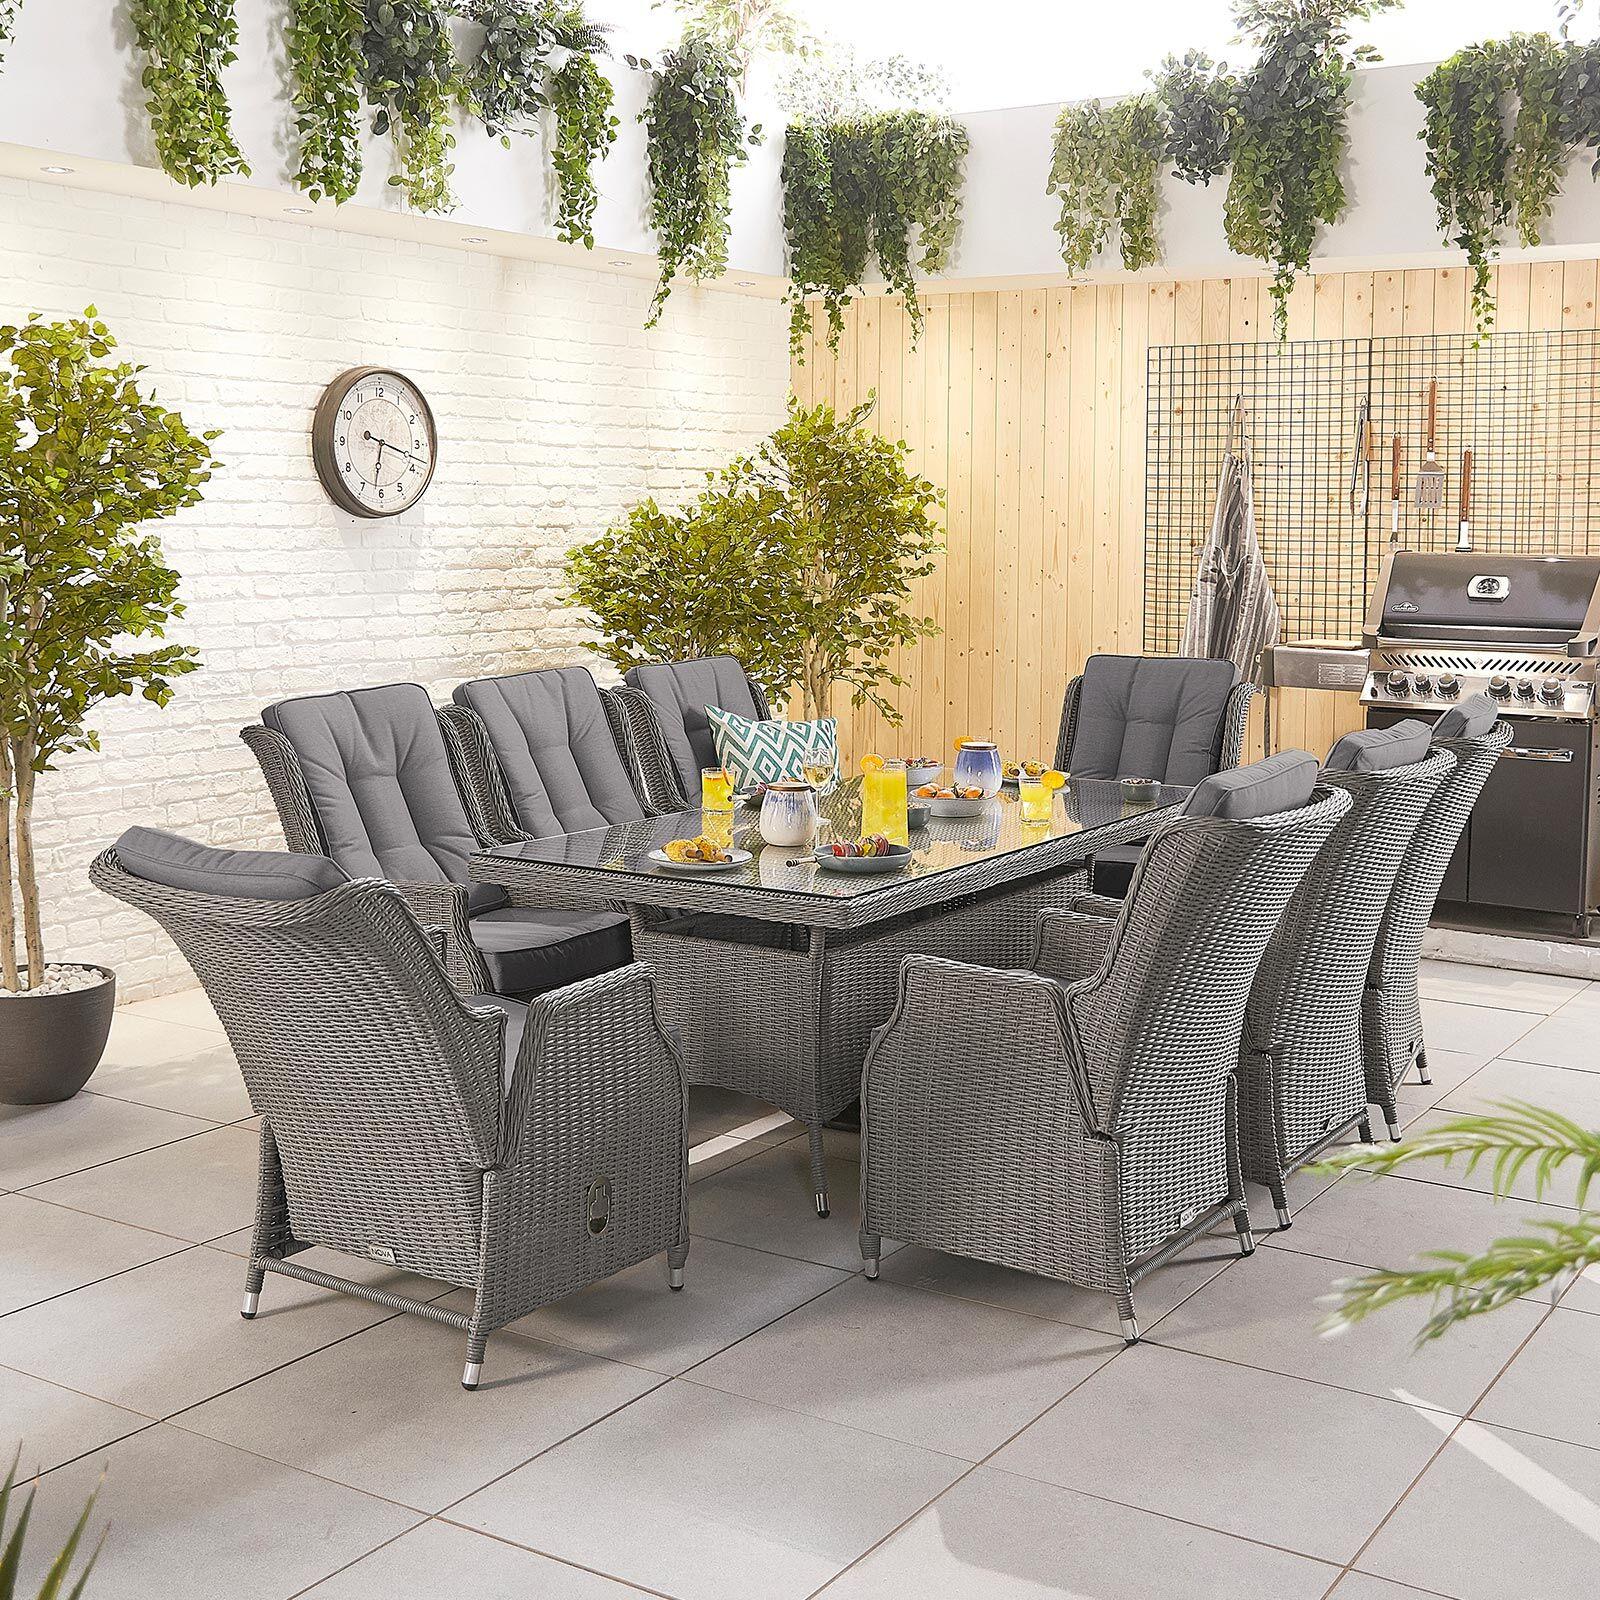 Oakworld Alfresco Heritage Carolina 8 Seat Dining Set   2m x 1m Rectangular Table   Slate Grey